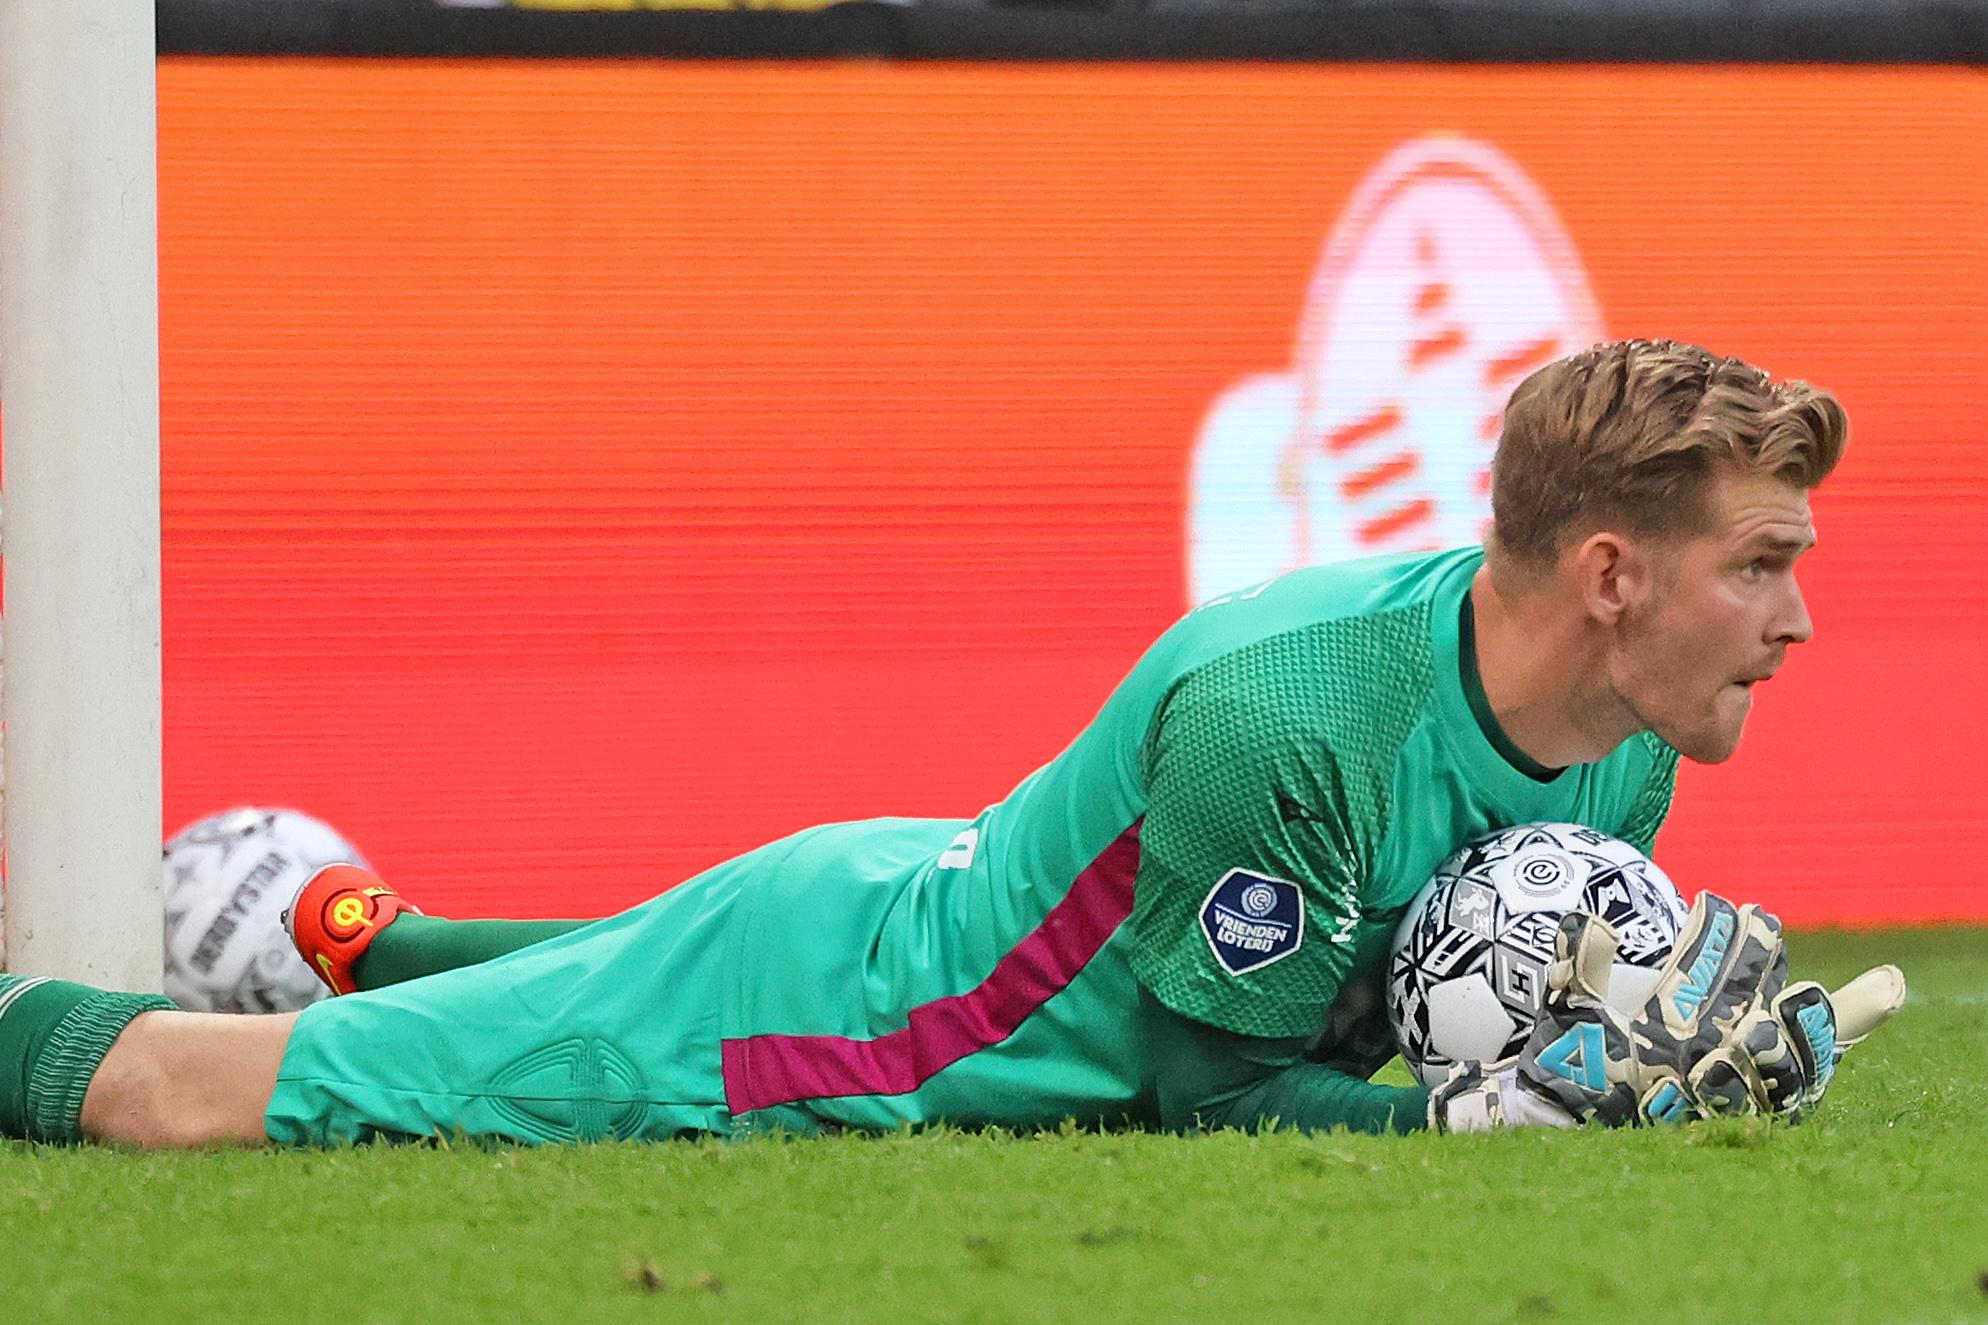 """Branderhorst na gelijkspel: """"Lastige pot, maar er zat meer in"""""""